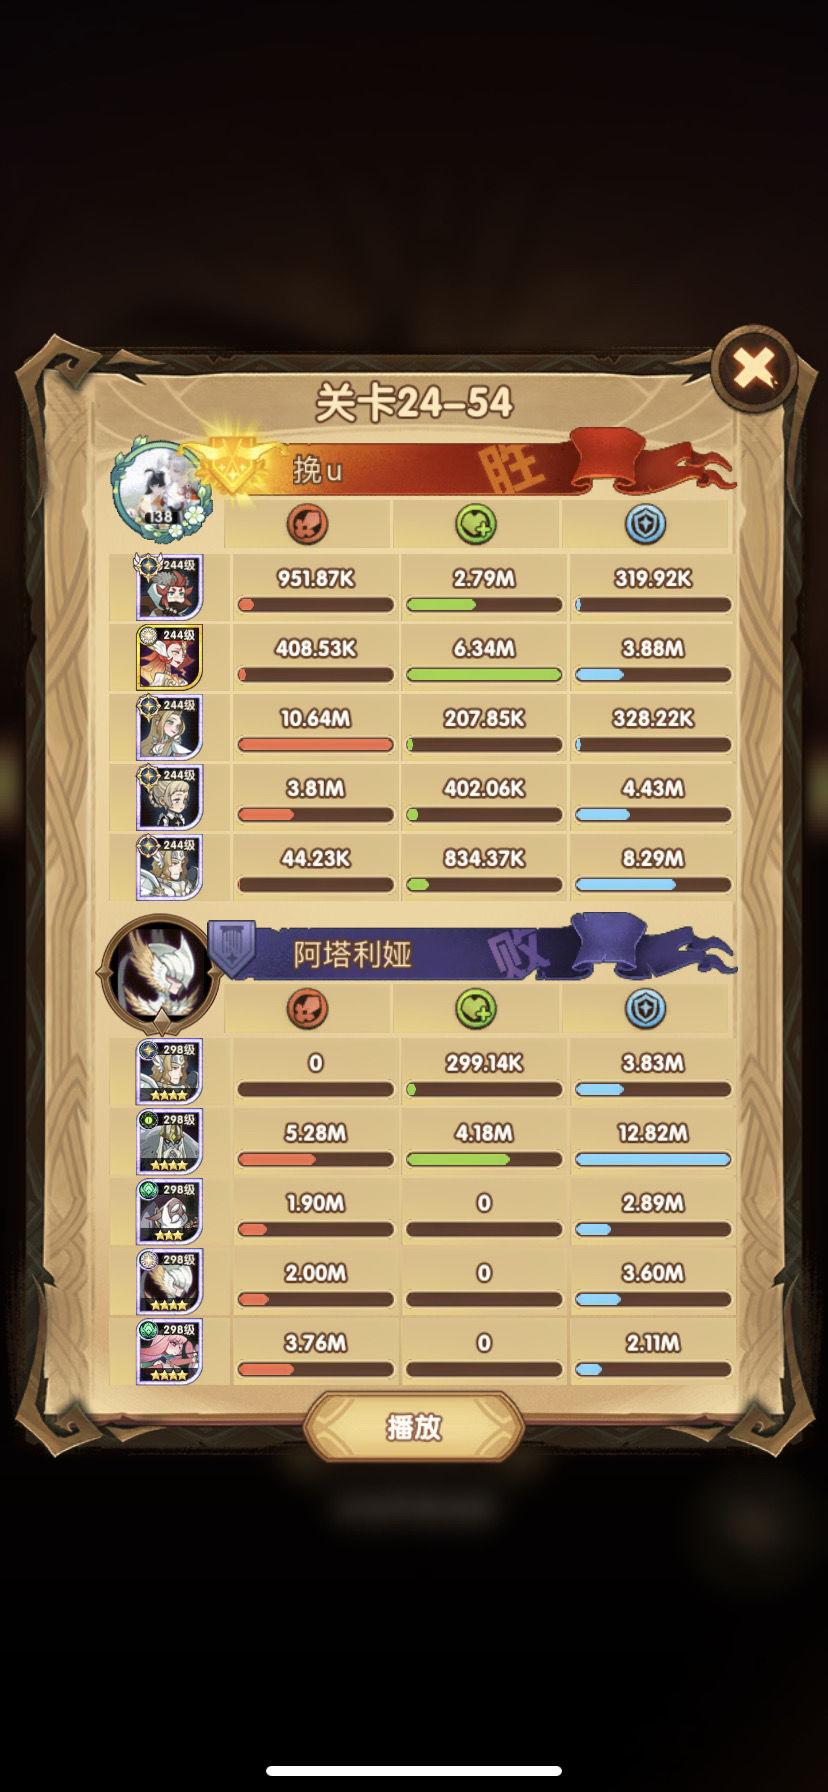 《【煜星注册地址】剑与远征24-54攻略 24-54阵容搭配及玩法一览》